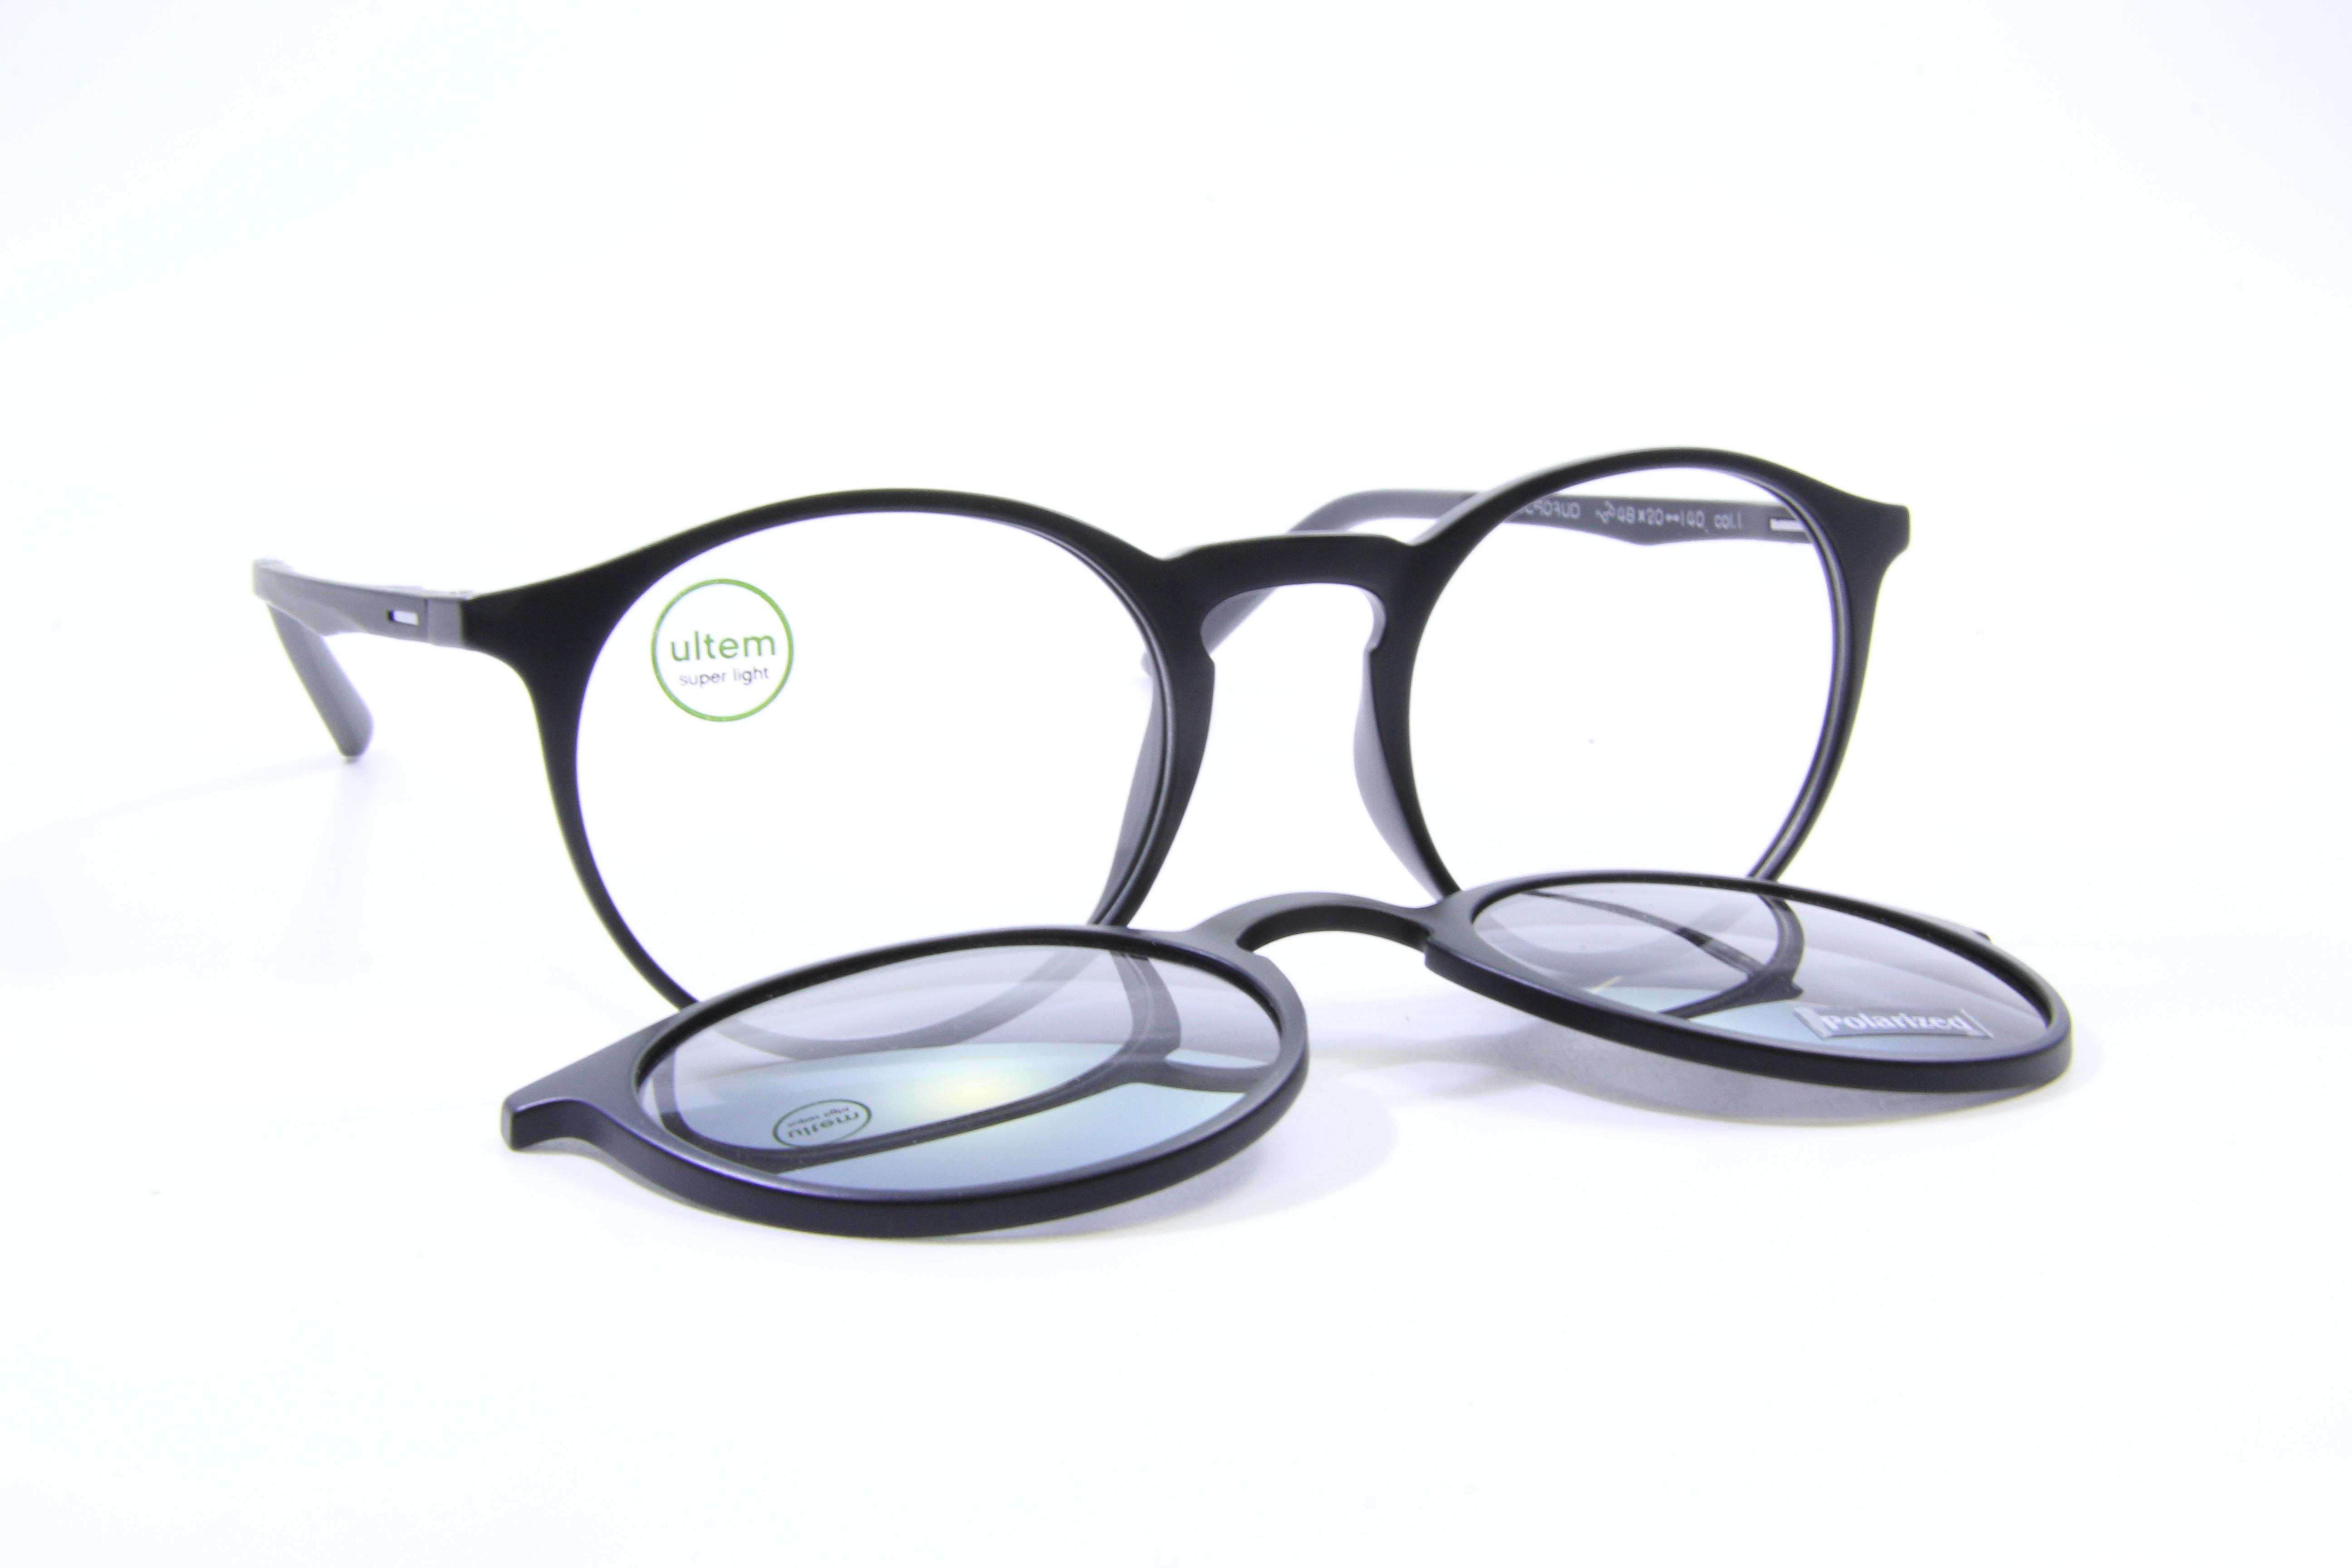 Sonnenclipbrillen - Brillen Lager Verkauf